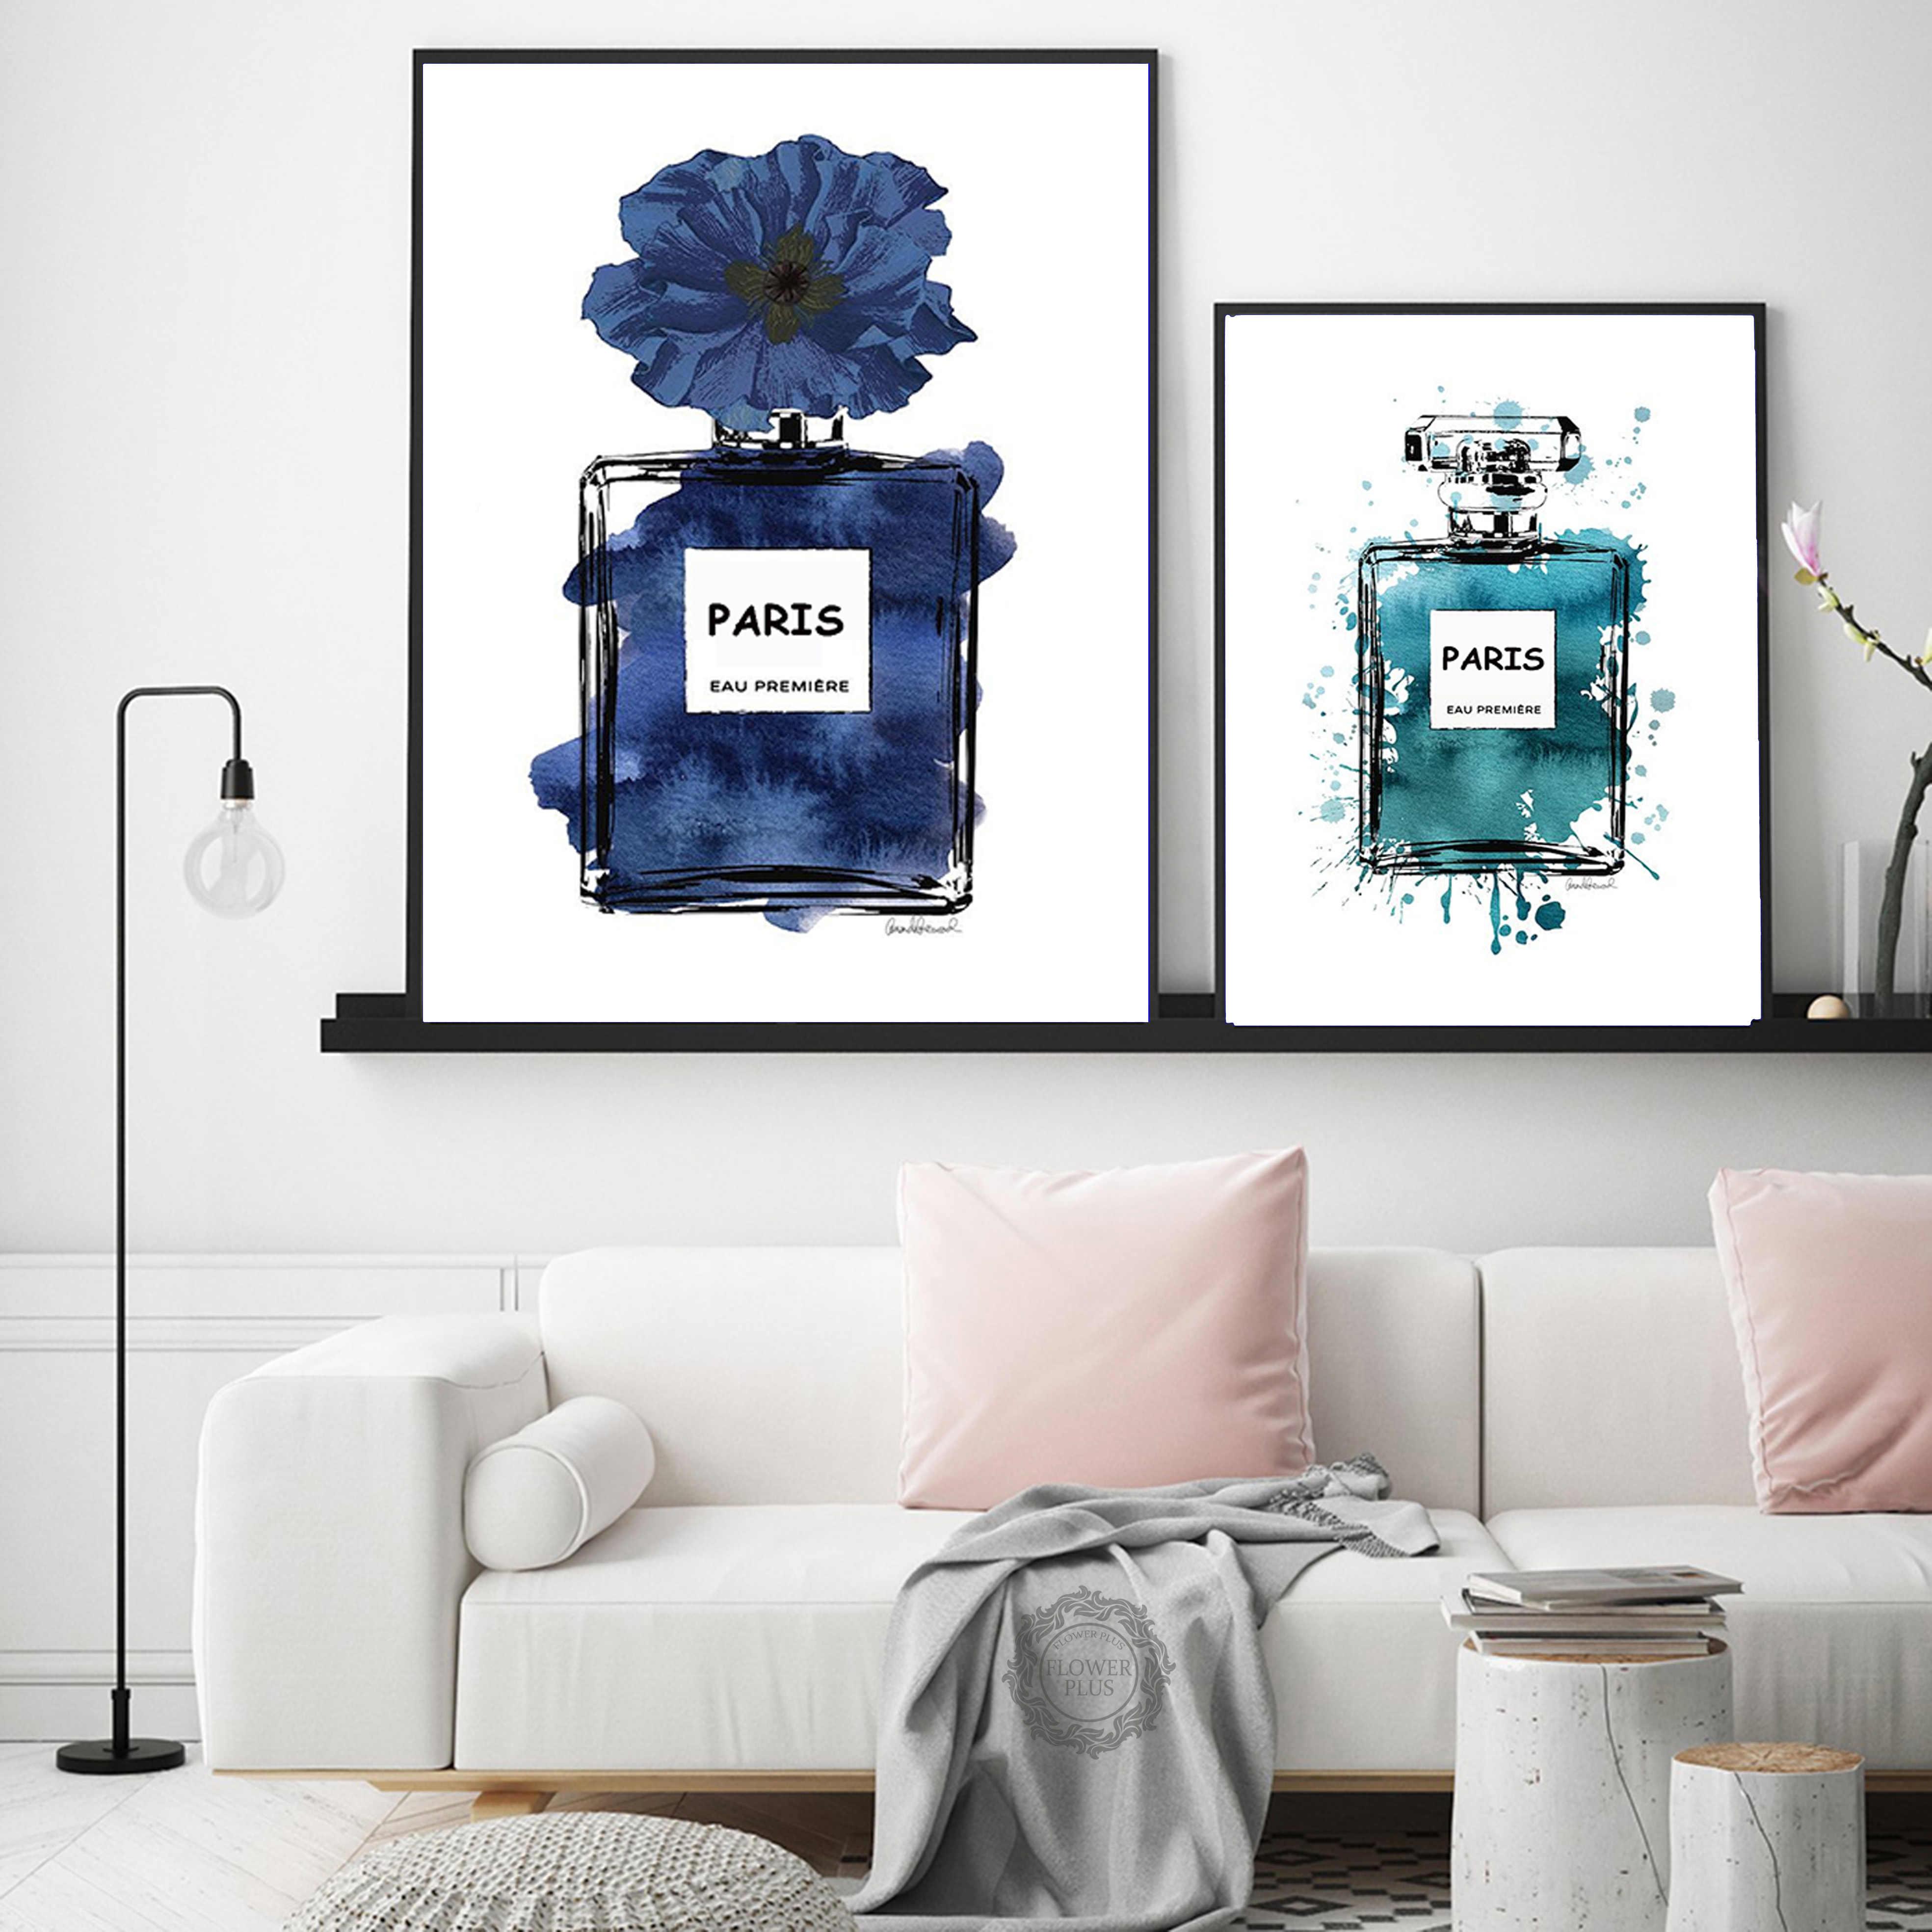 Nước Hoa COCO Hoa Mẫu Đơn Treo Tường Hoa Tranh Canvas Nghệ Bắc Âu Áp Phích Và Hình In Màu Nước Treo Tường Hình Ảnh Cho Phòng Khách Trang Trí Treo Tường